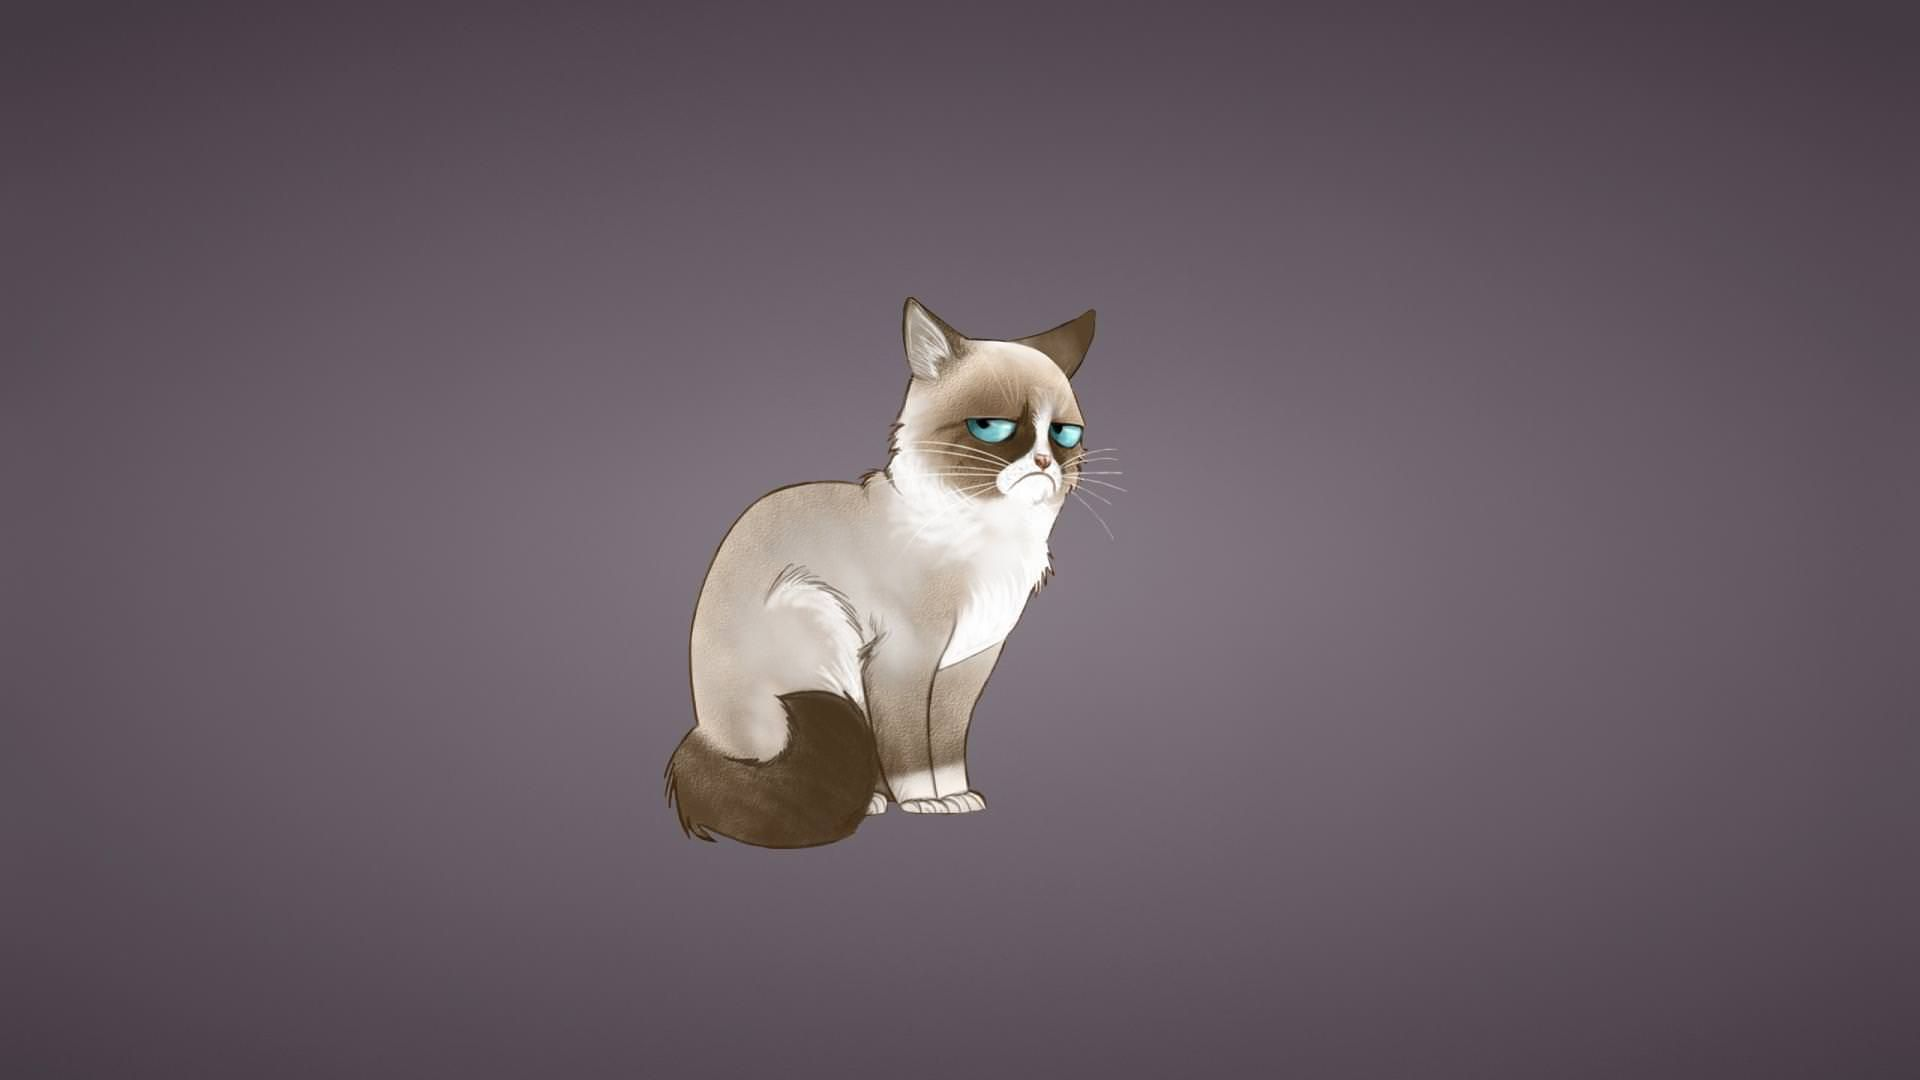 Grumpy Cat 3d Wallpapers Downlowd Free Zee Wallpapers Grumpy Cat Cat Wallpaper Space Cat